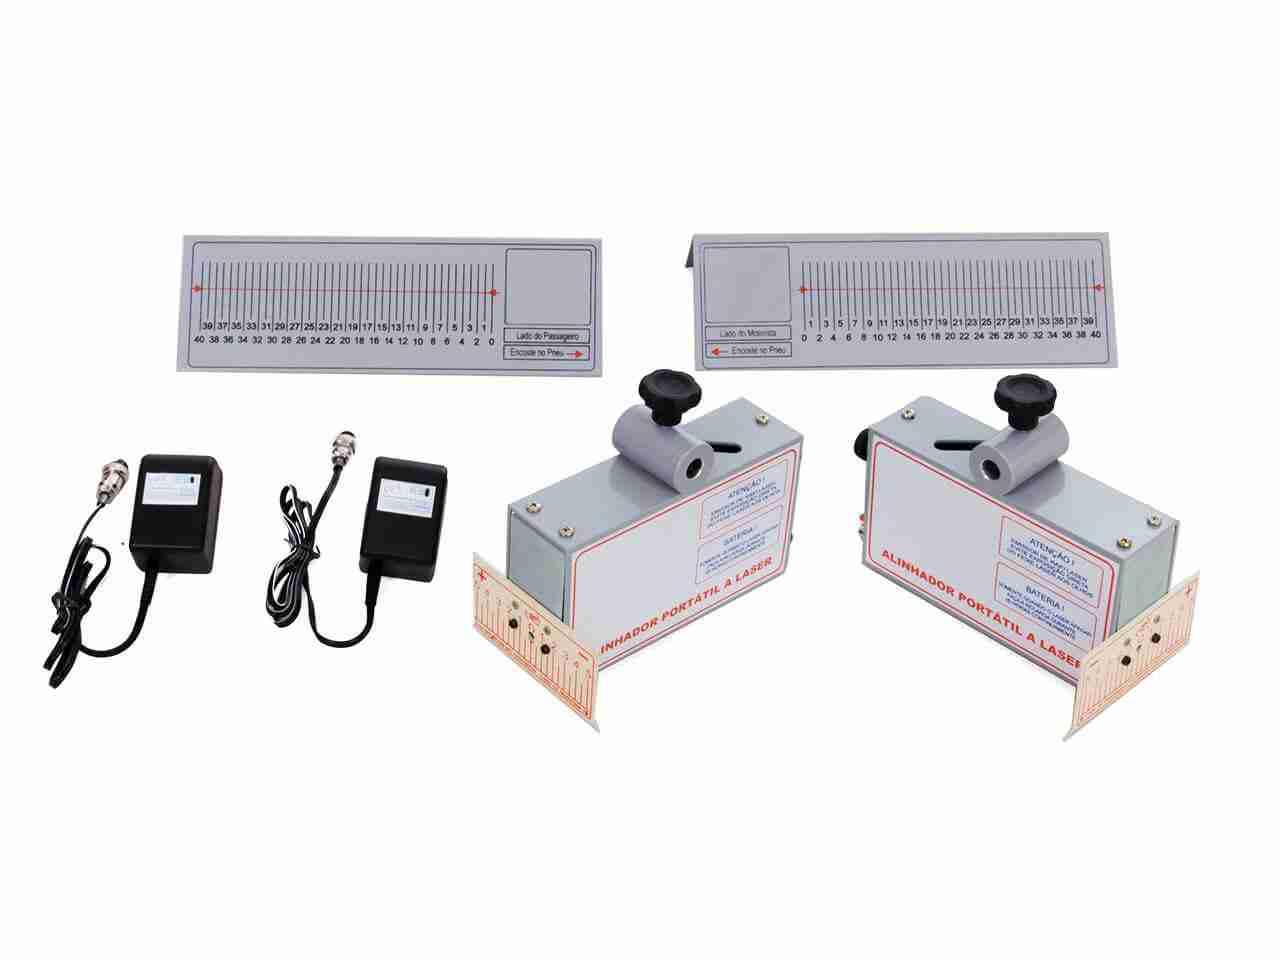 alinhador a laser projetor para alinhador completo